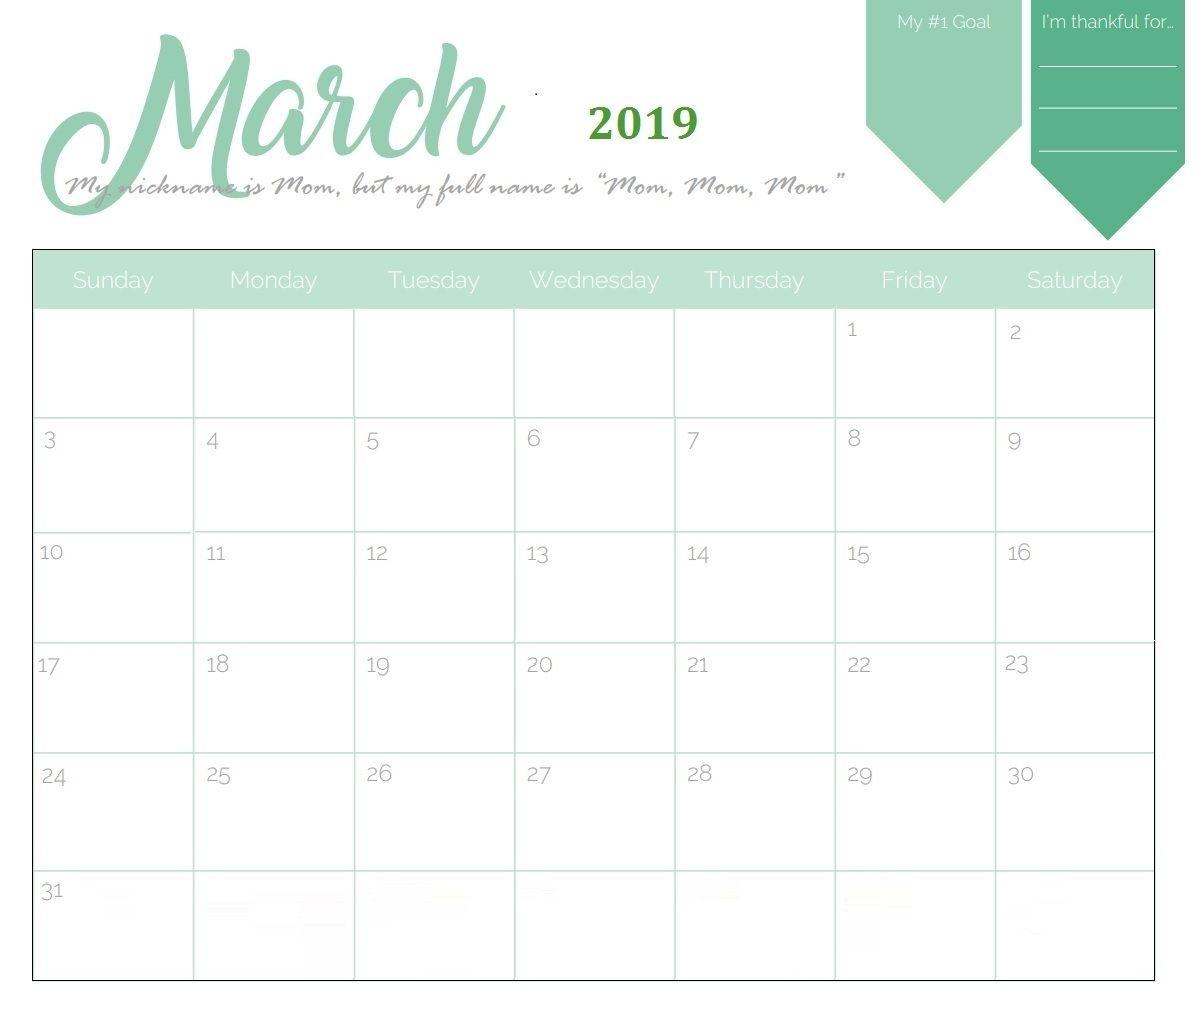 Printable Calendar 2019 Imom | Printable Calendar 2019 with 2020 Printable Calender Imom